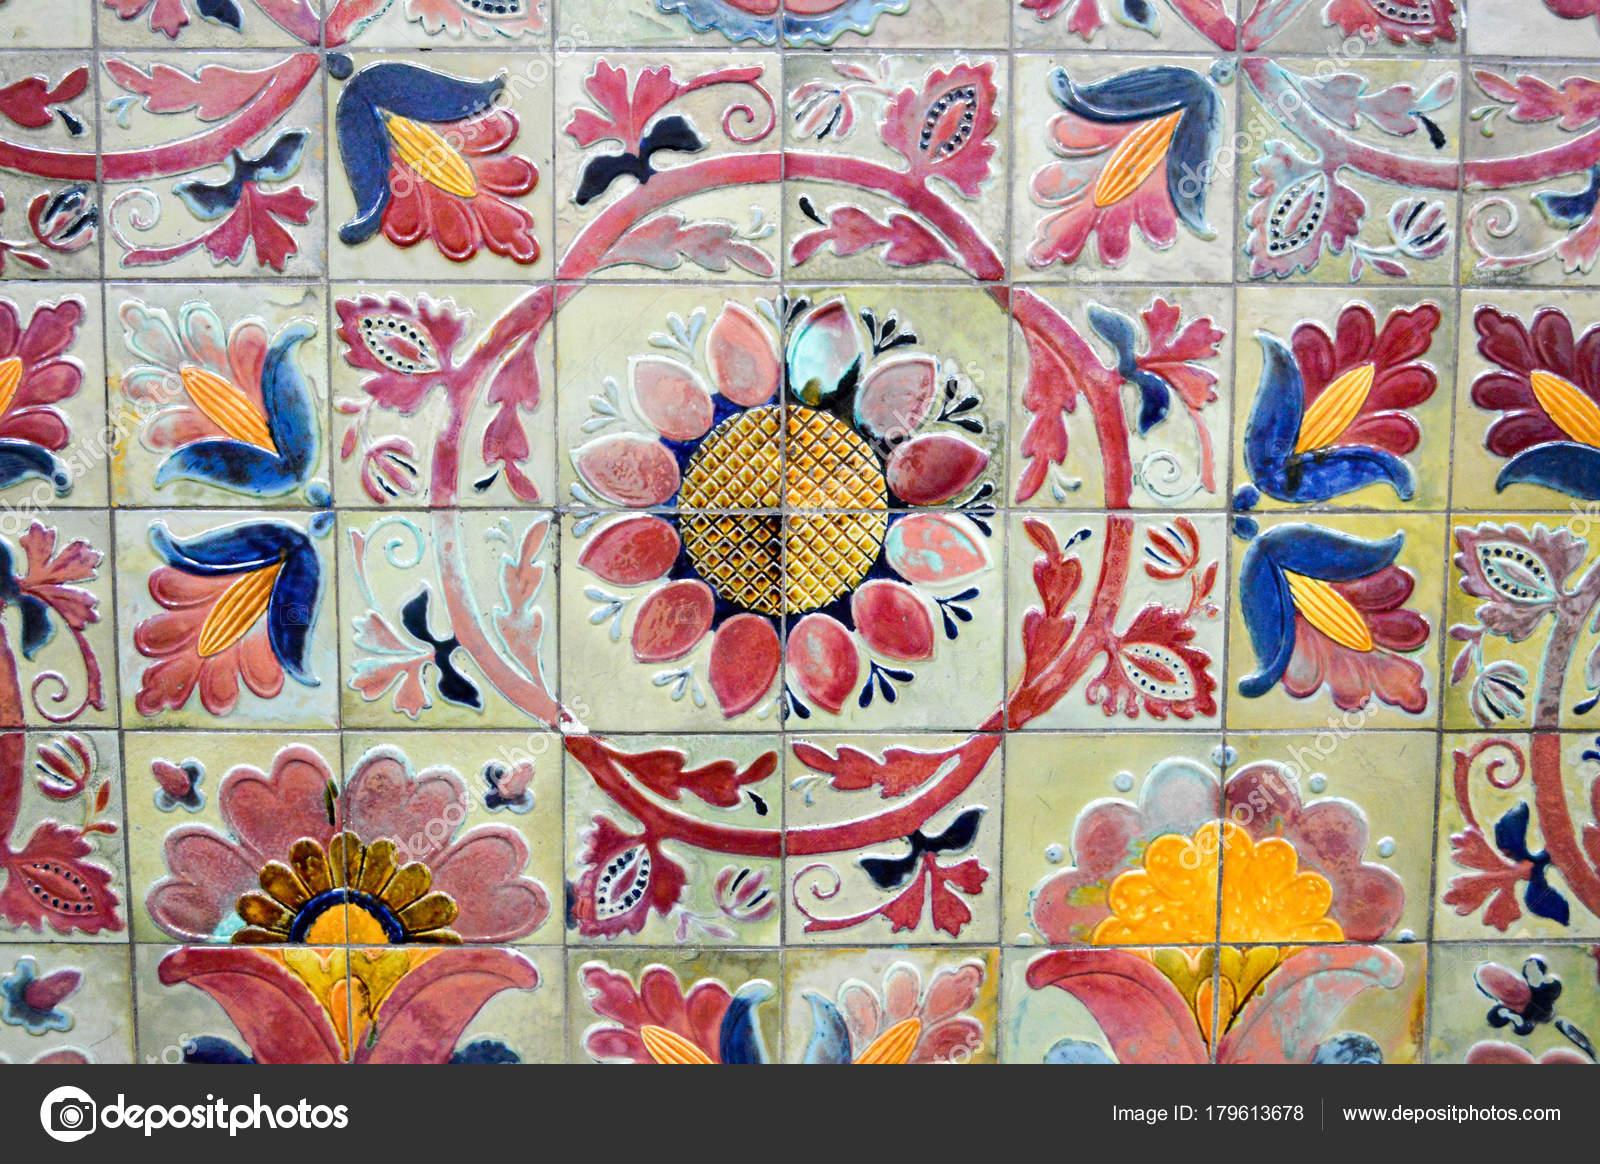 Piastrelle a motivi geometrici multicolore con fiori sfondo